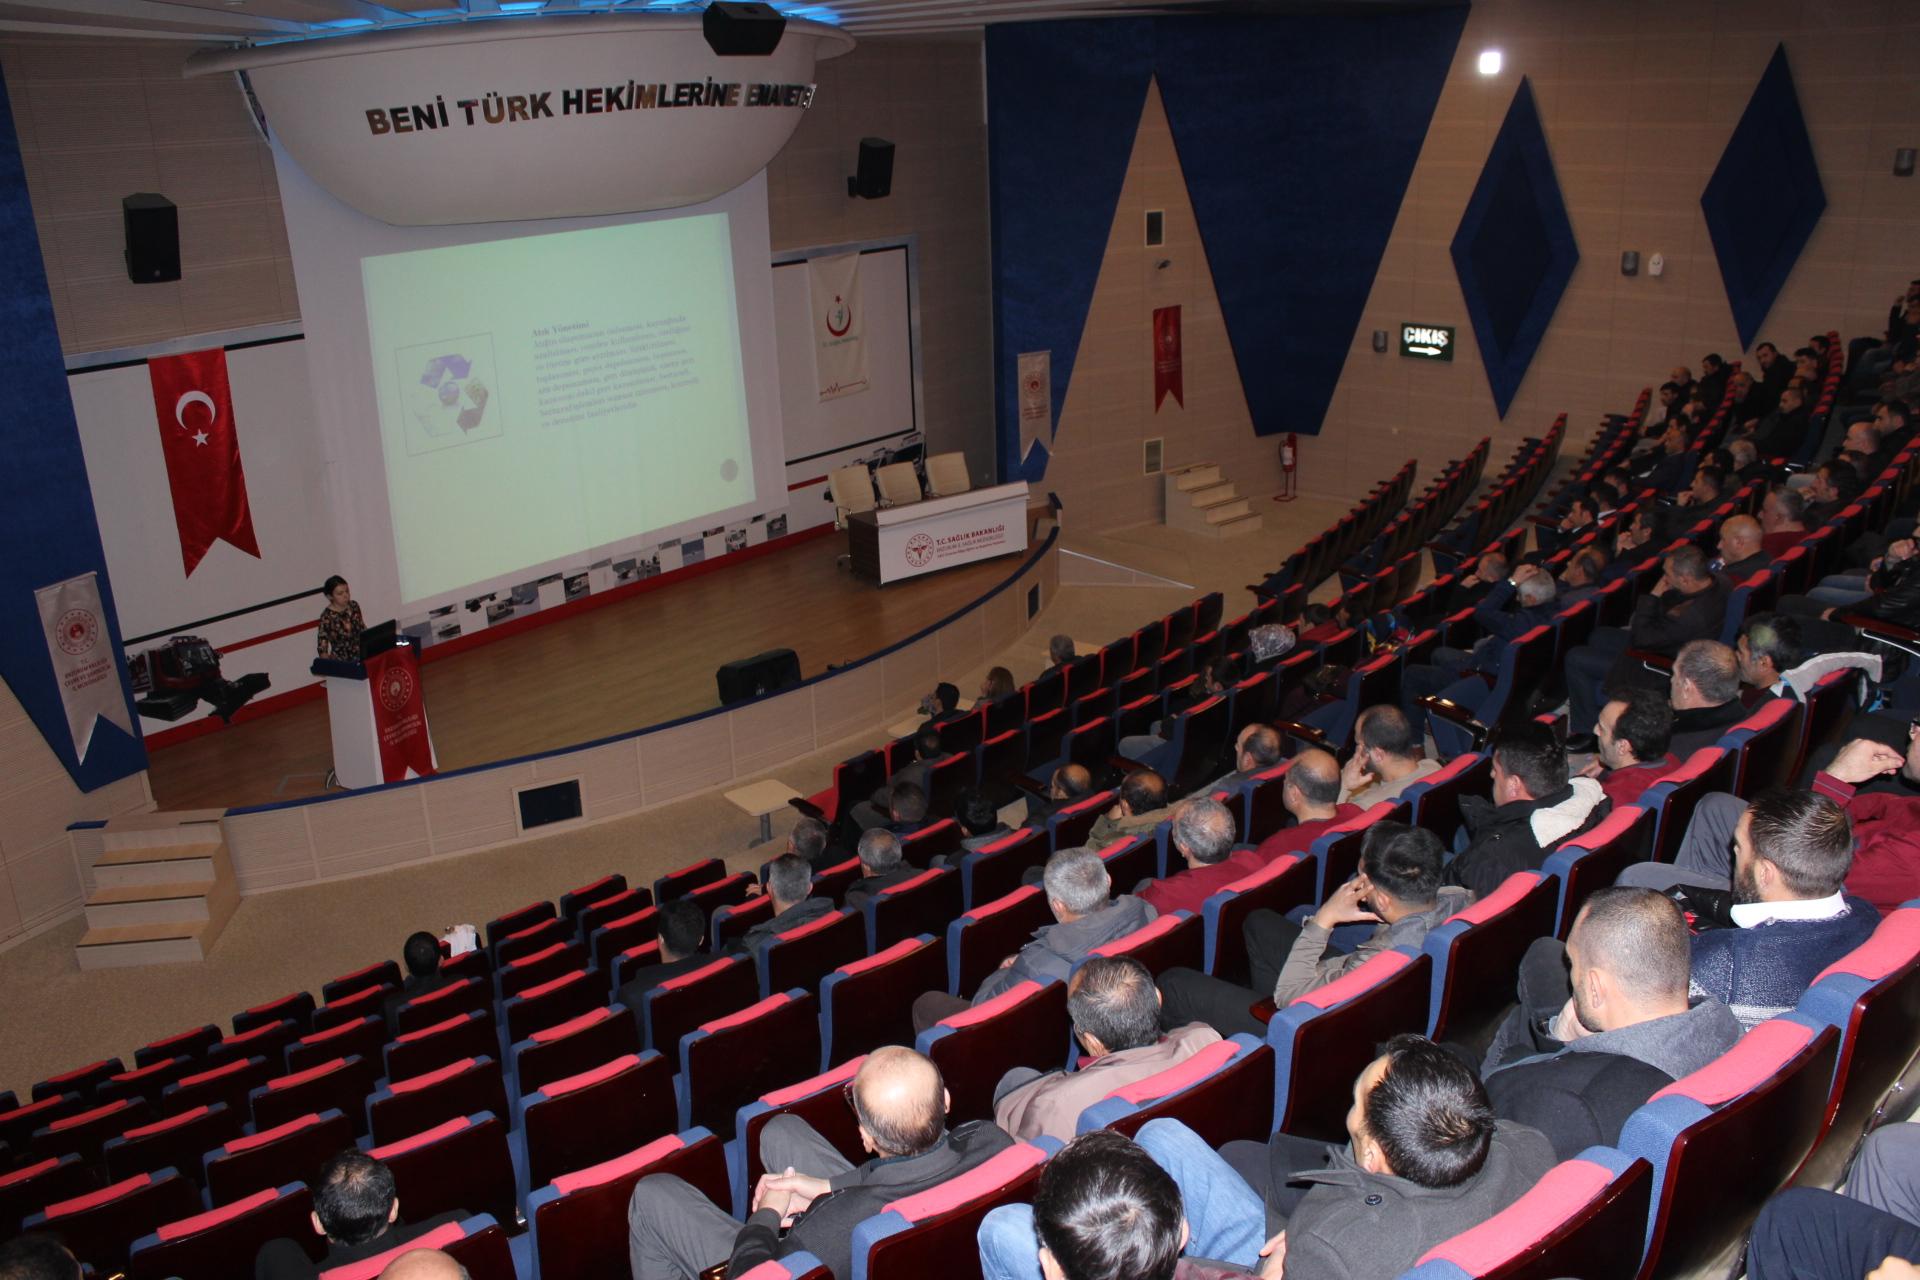 Tıbbi Atıkların Kontrolü Yönetmeliği Yerel Eğitim Programı düzenlendi.